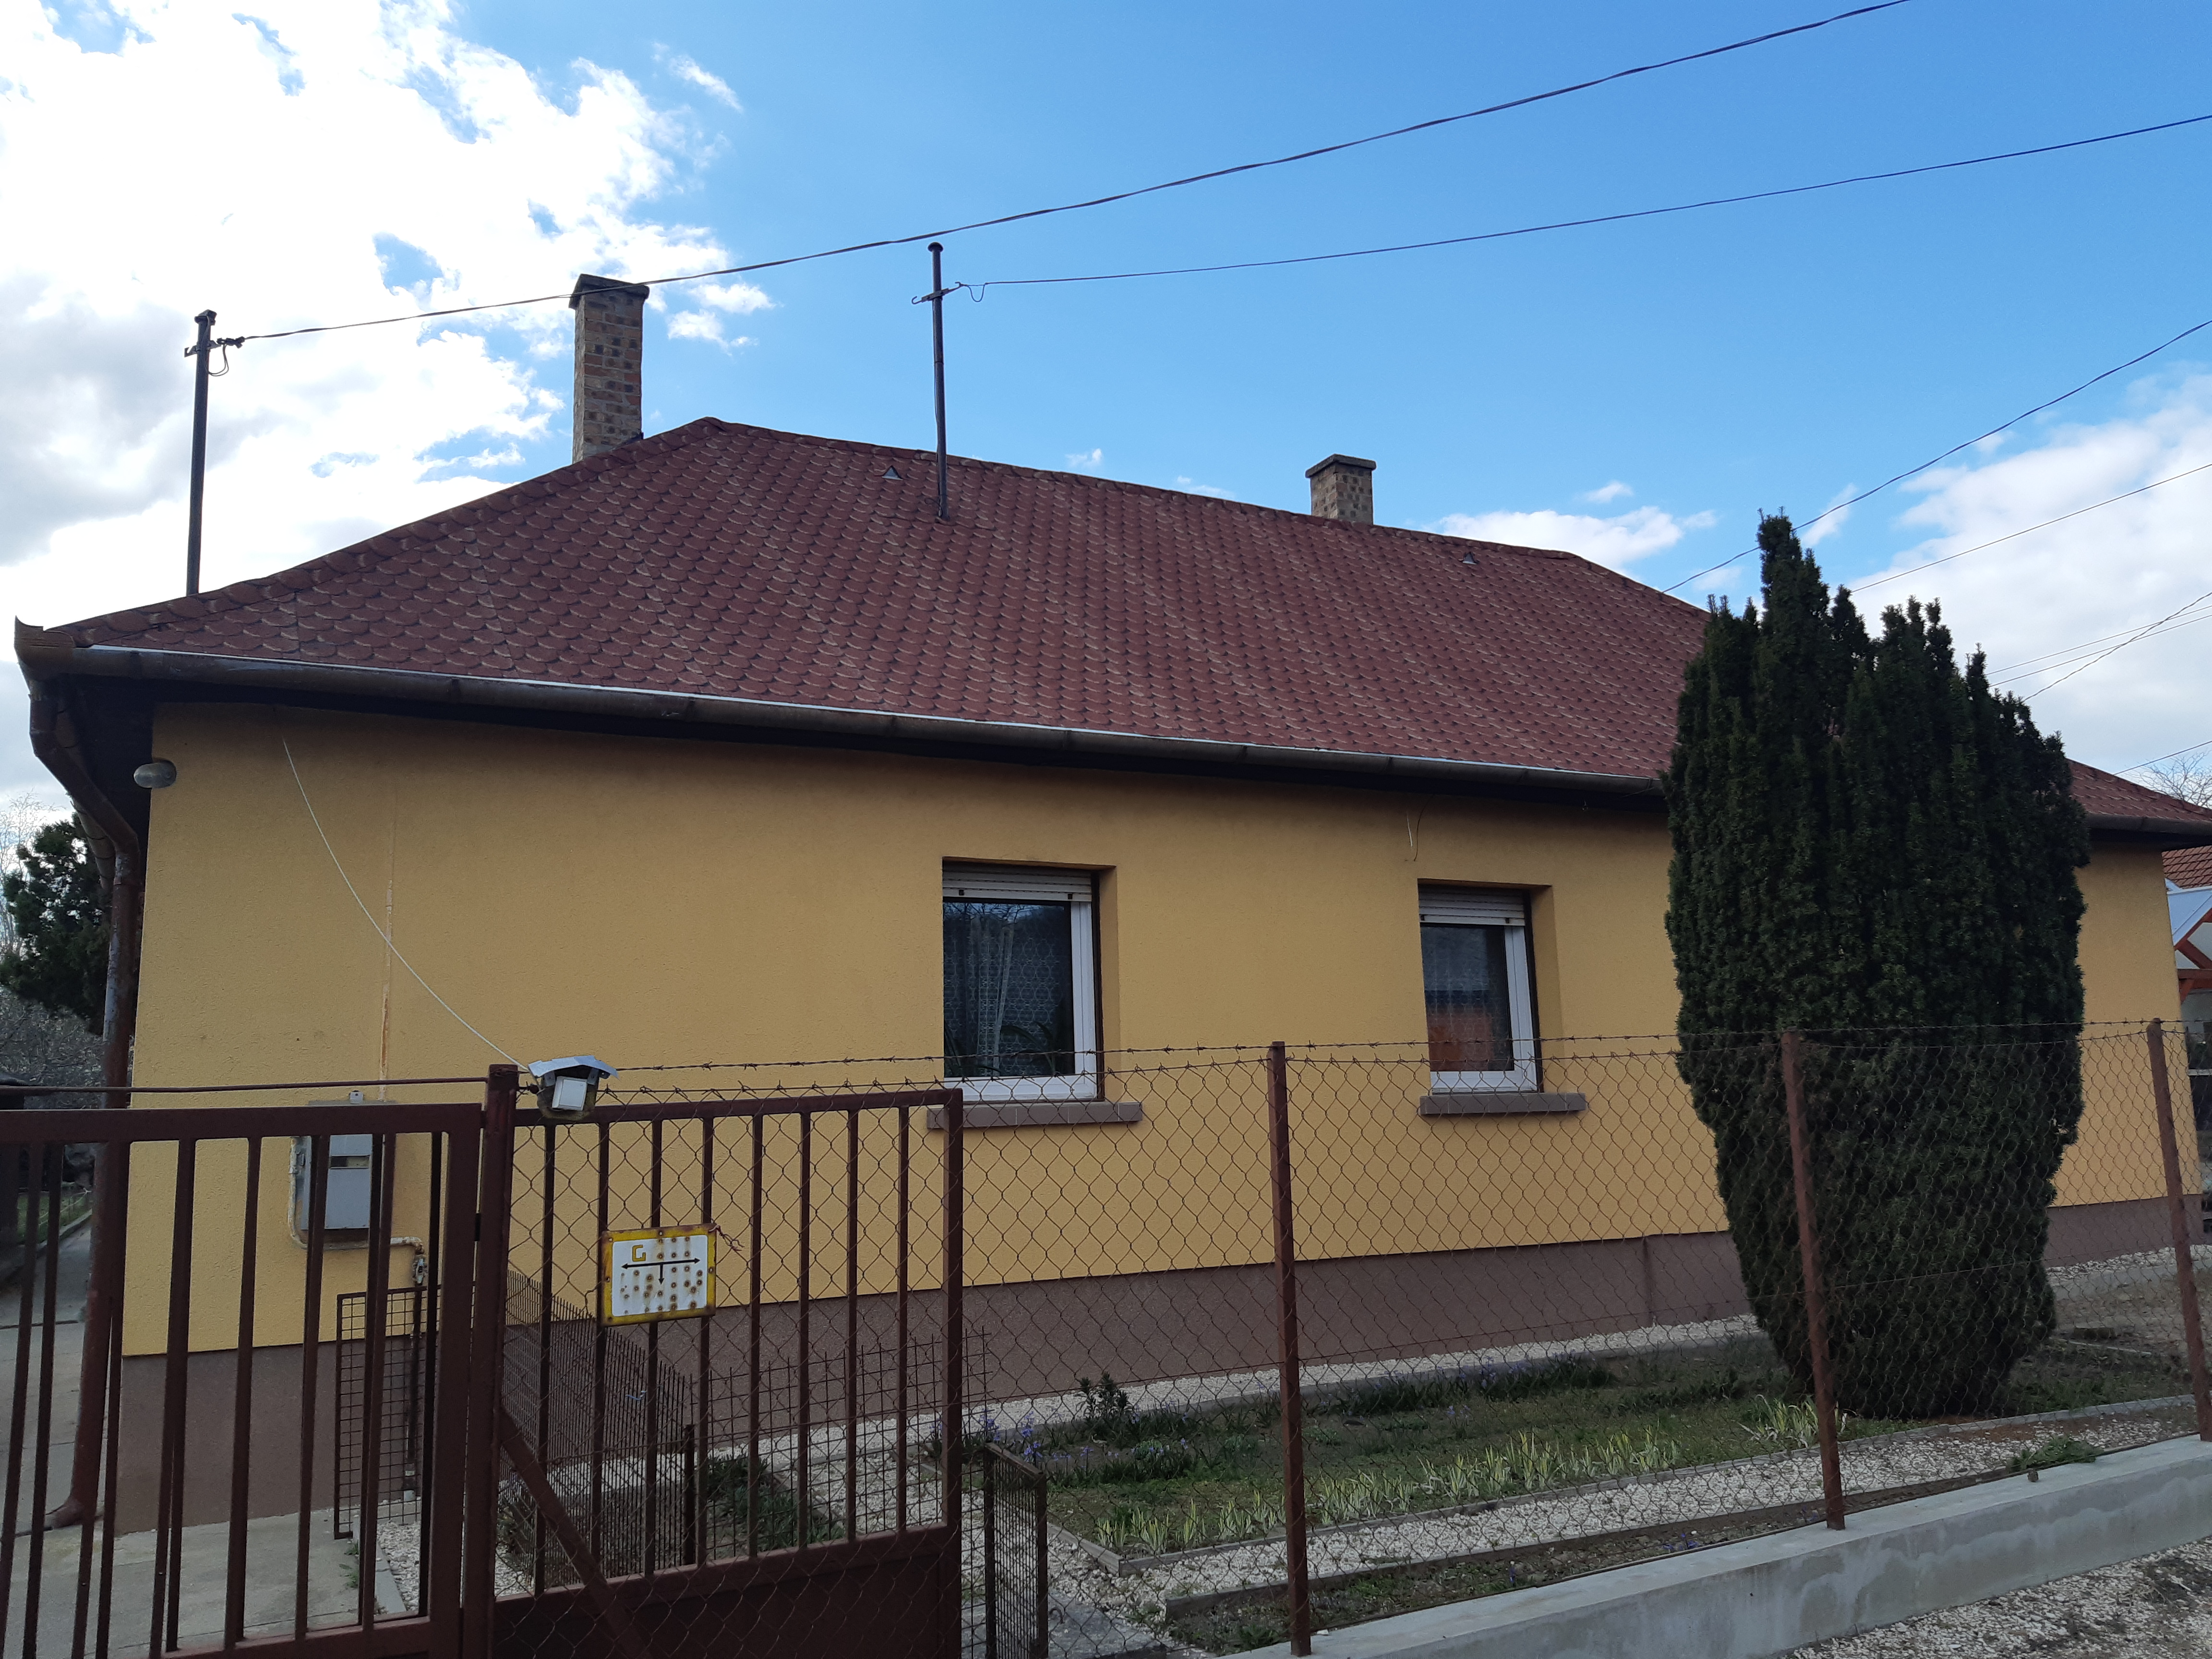 Palatető felújítás Somogybükkösd, palatető szigetelés SomogybükkösdTeljes tető felújítása